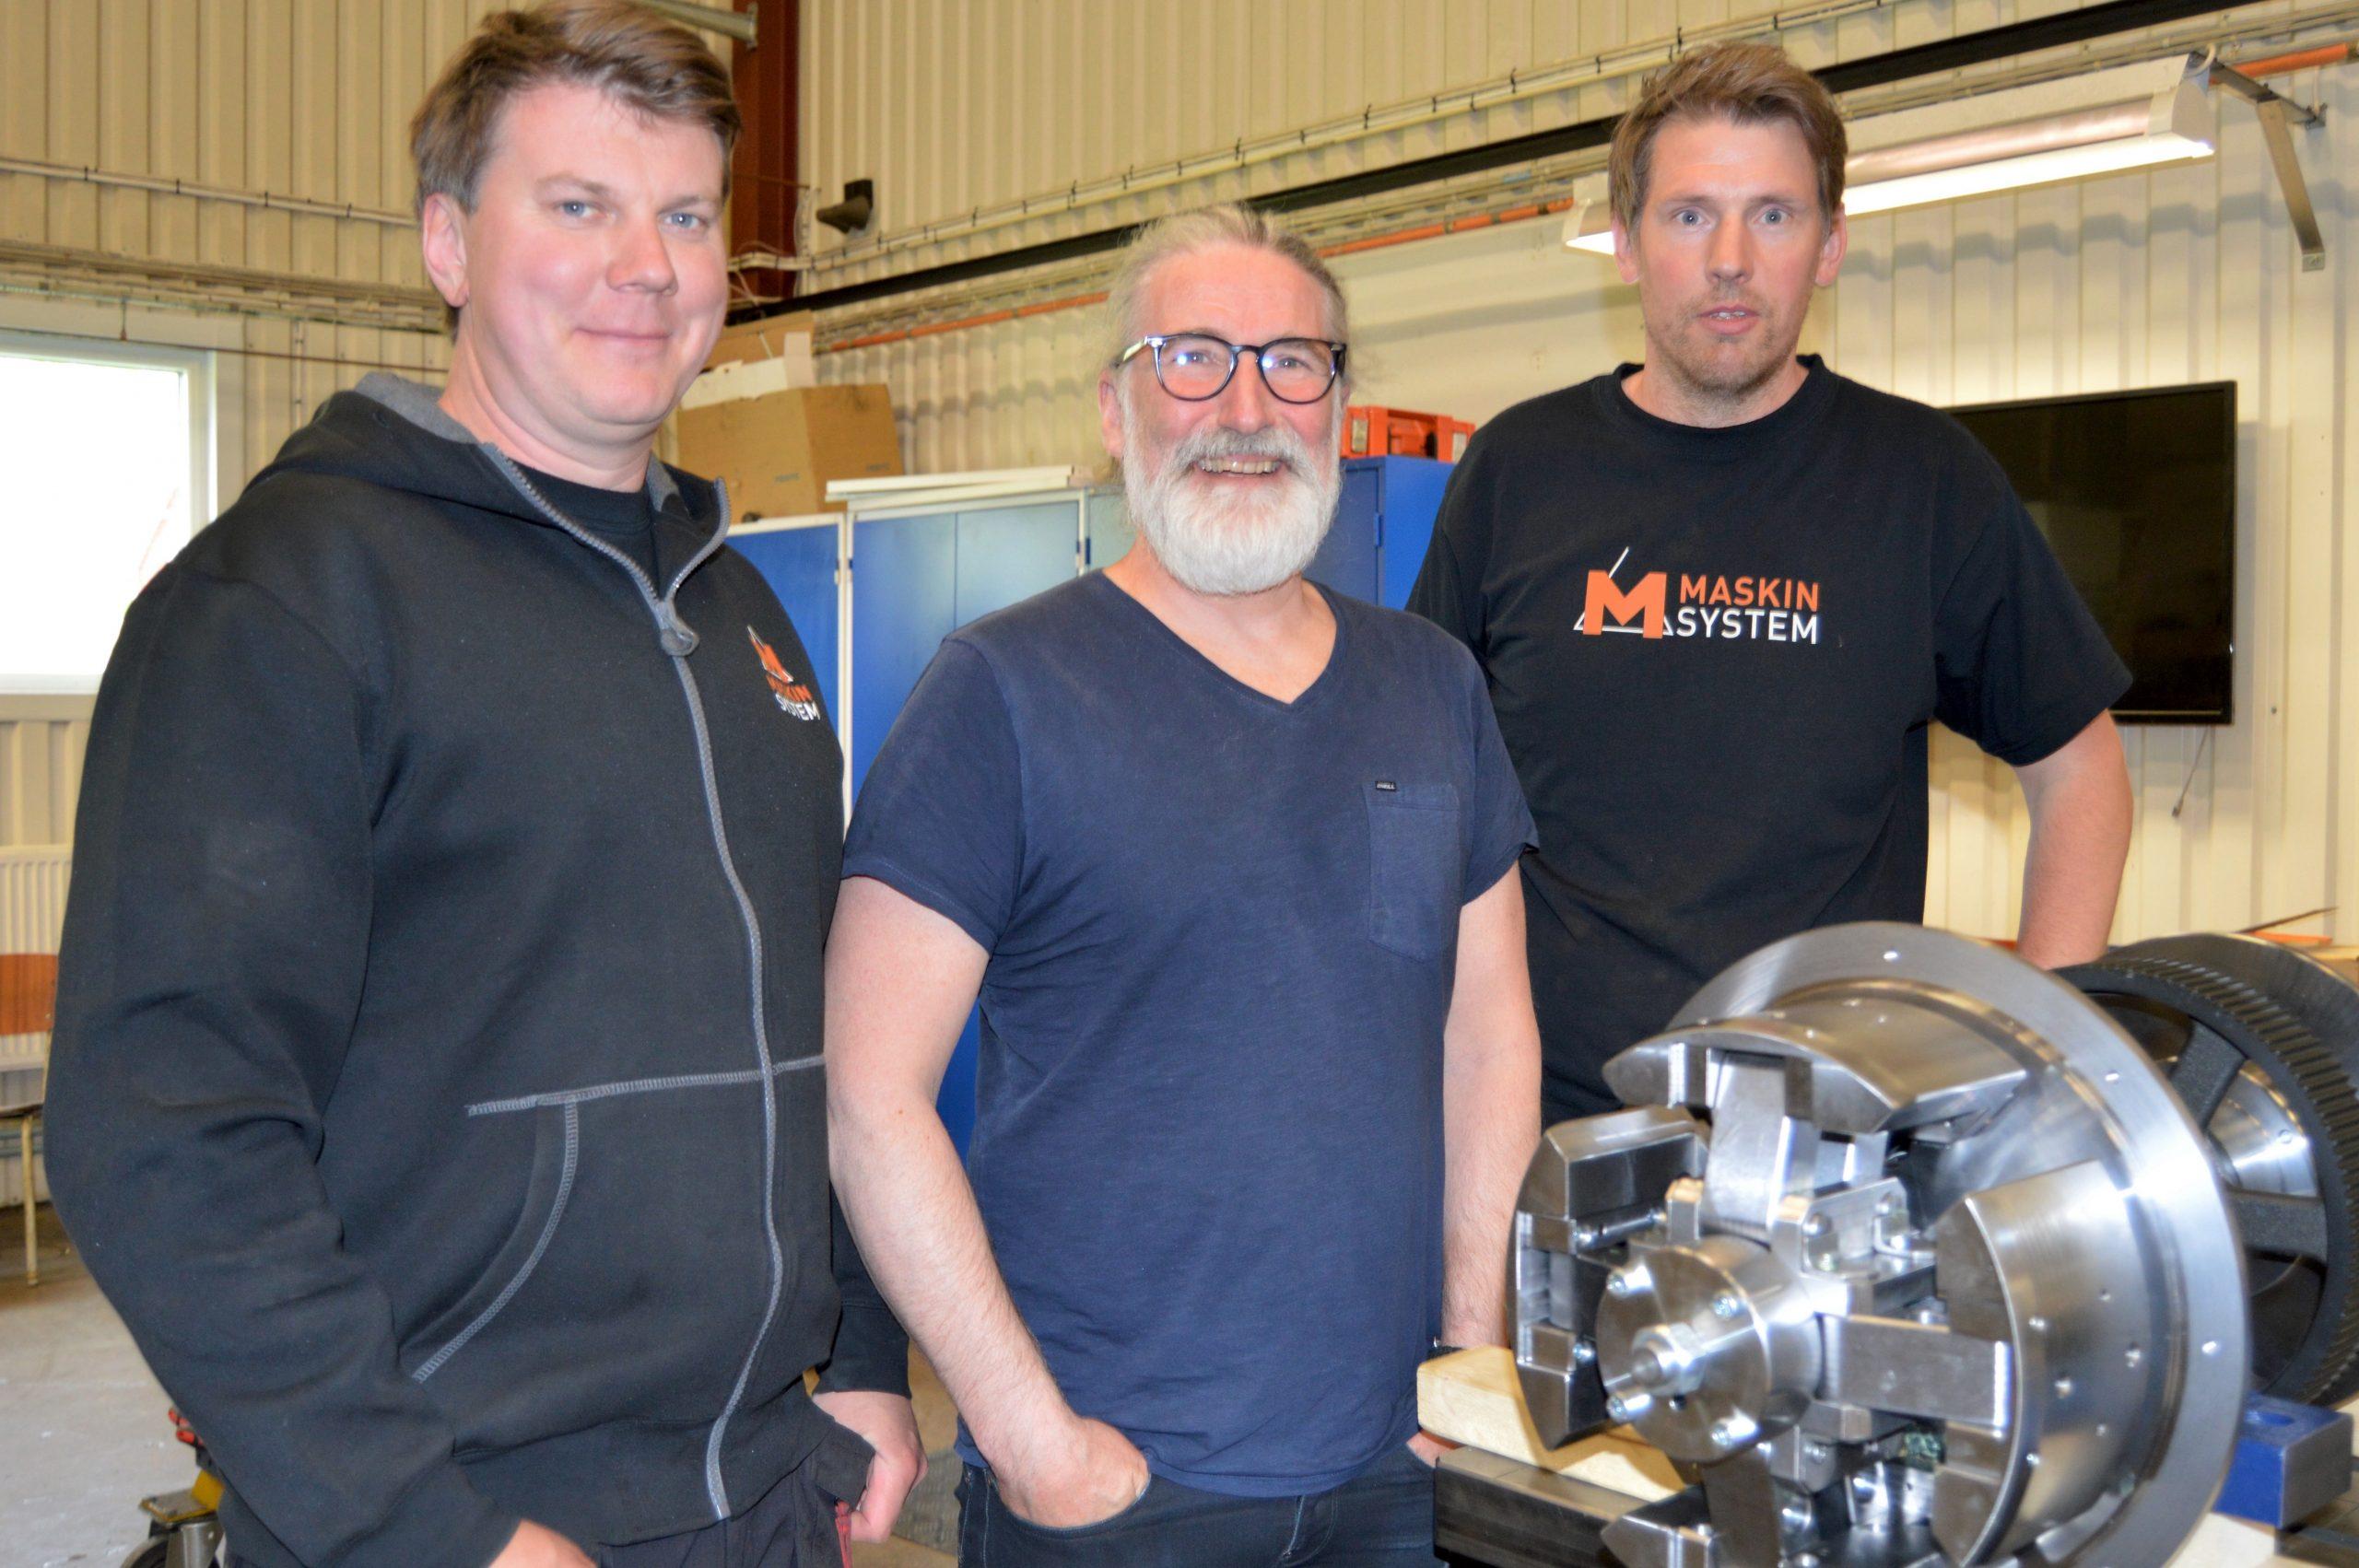 Företaget Maskinsystem lät personalen ta över när pensionen närmade sig för ägaren Krister Källström.